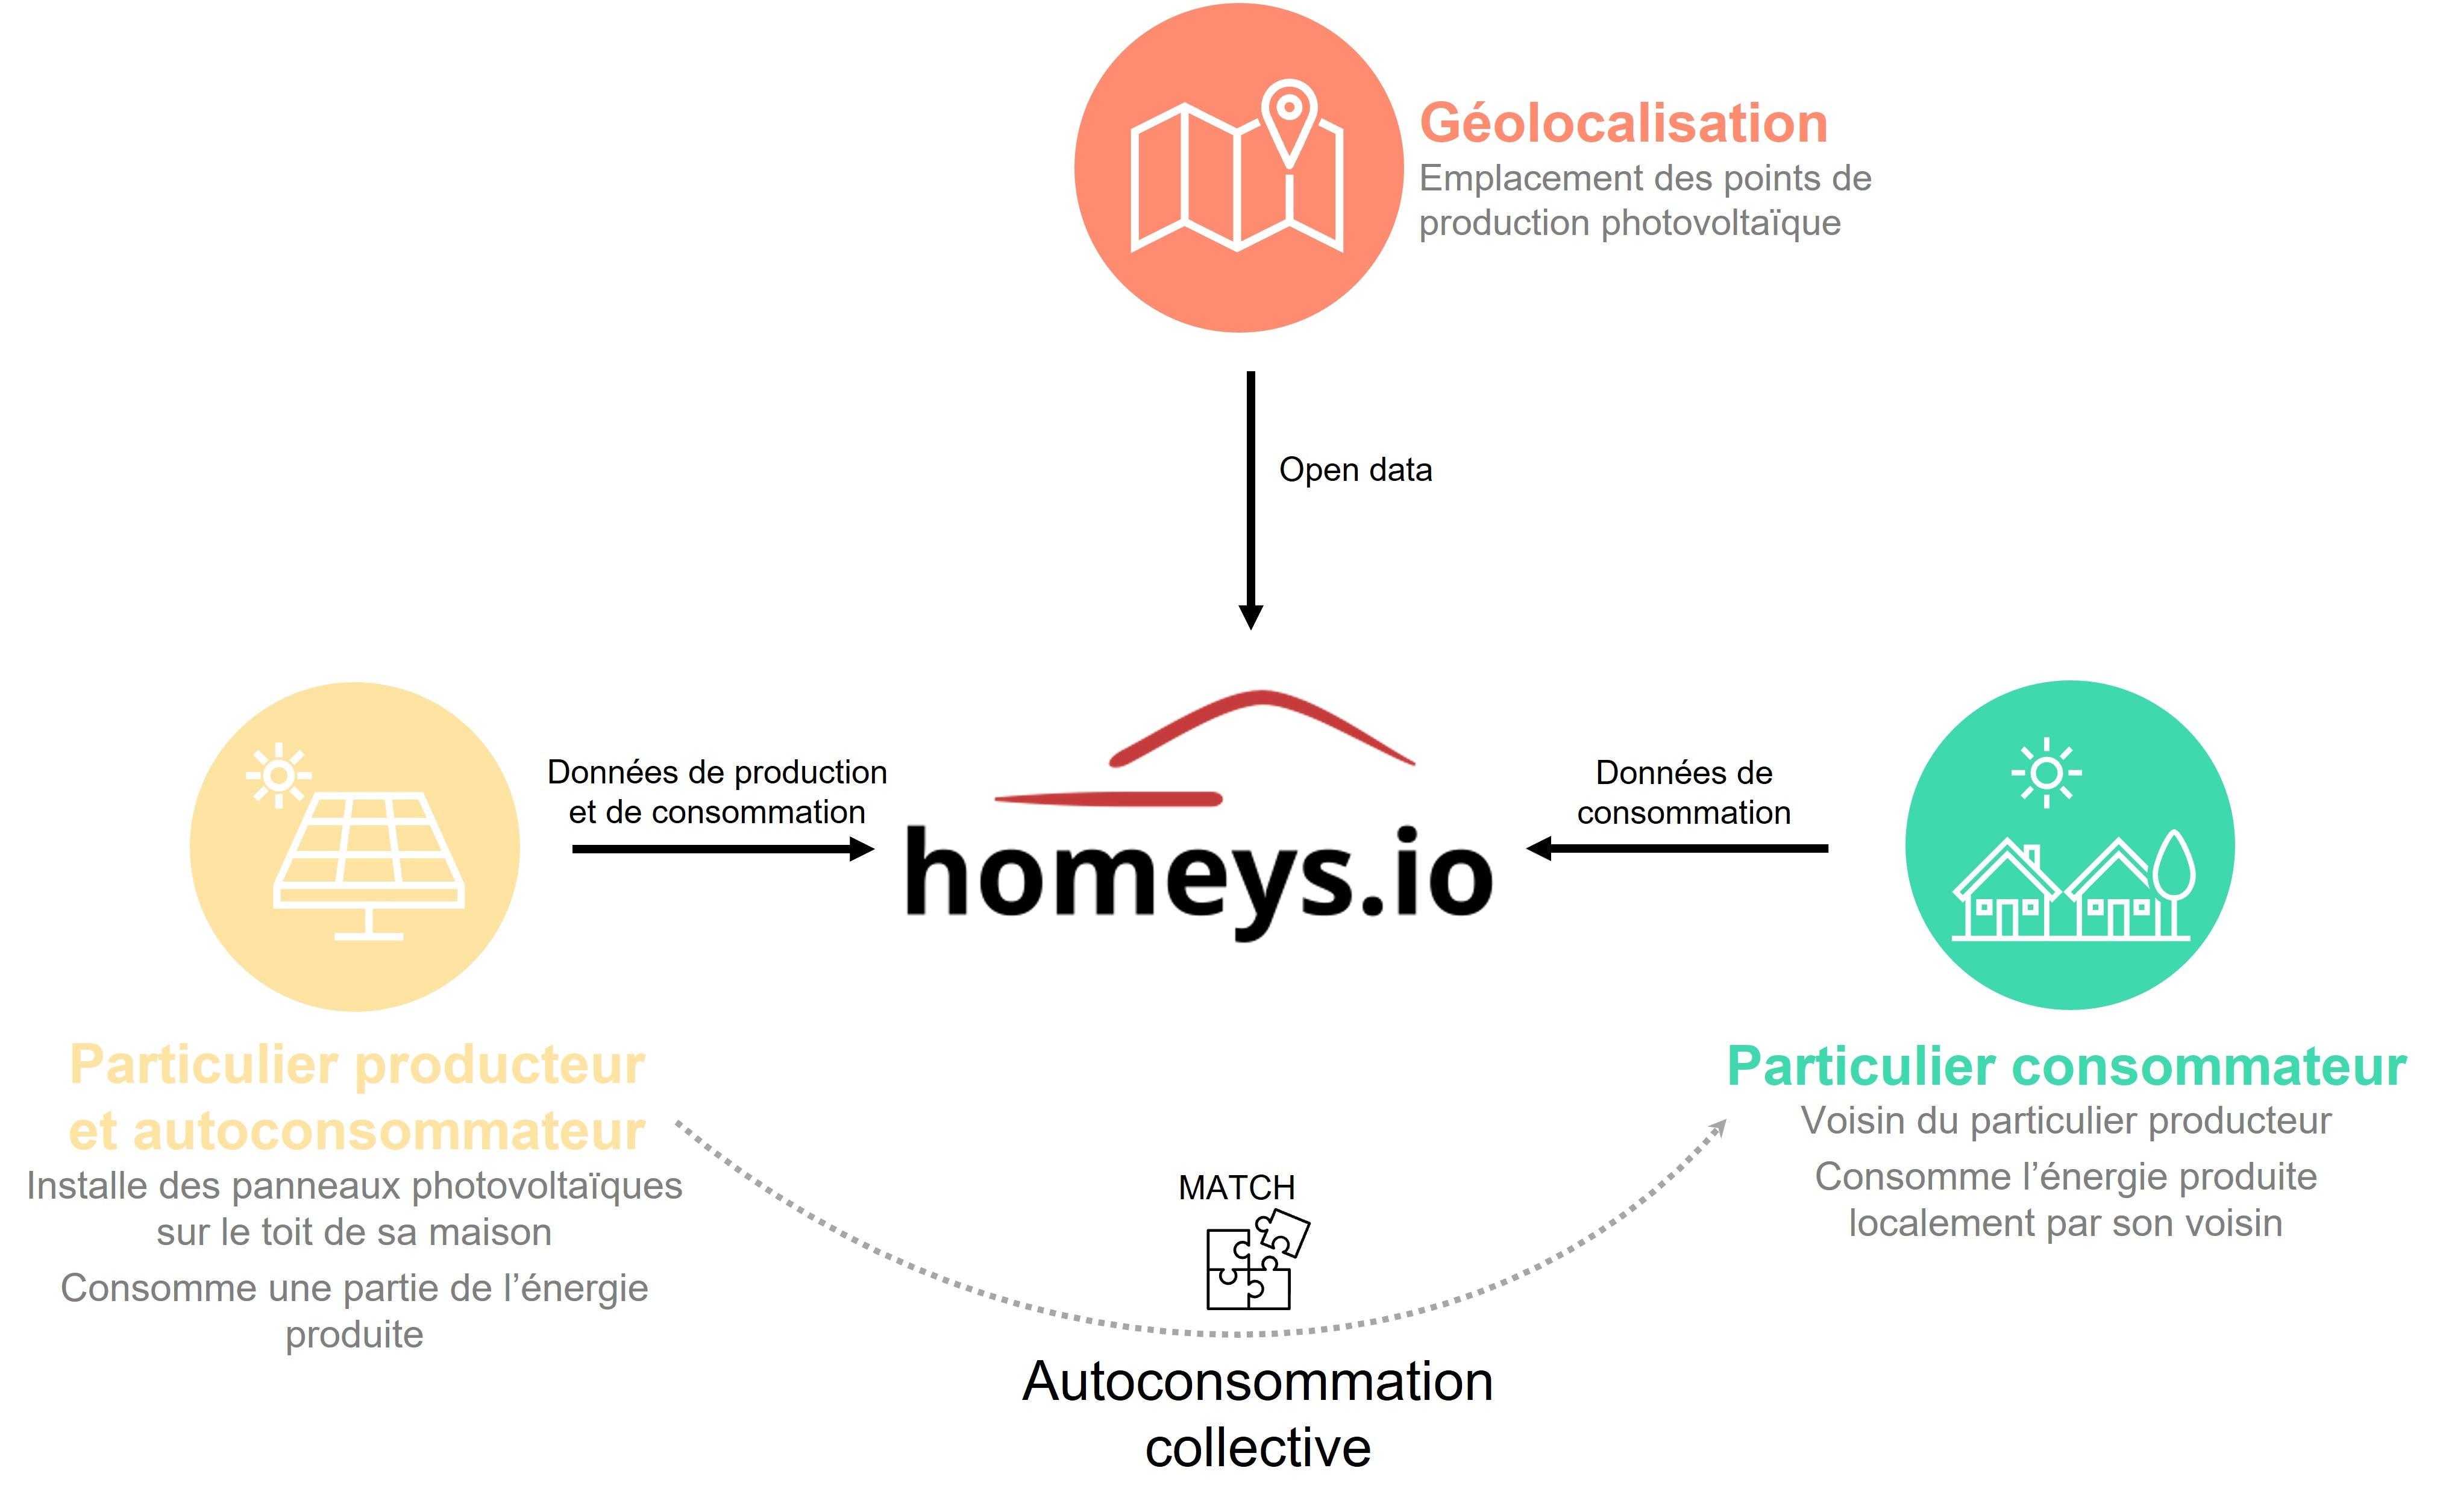 Homeys centralise les données et agit comme une plateforme de mise en relation entre le particulier produisant son énergie, et ses voisins